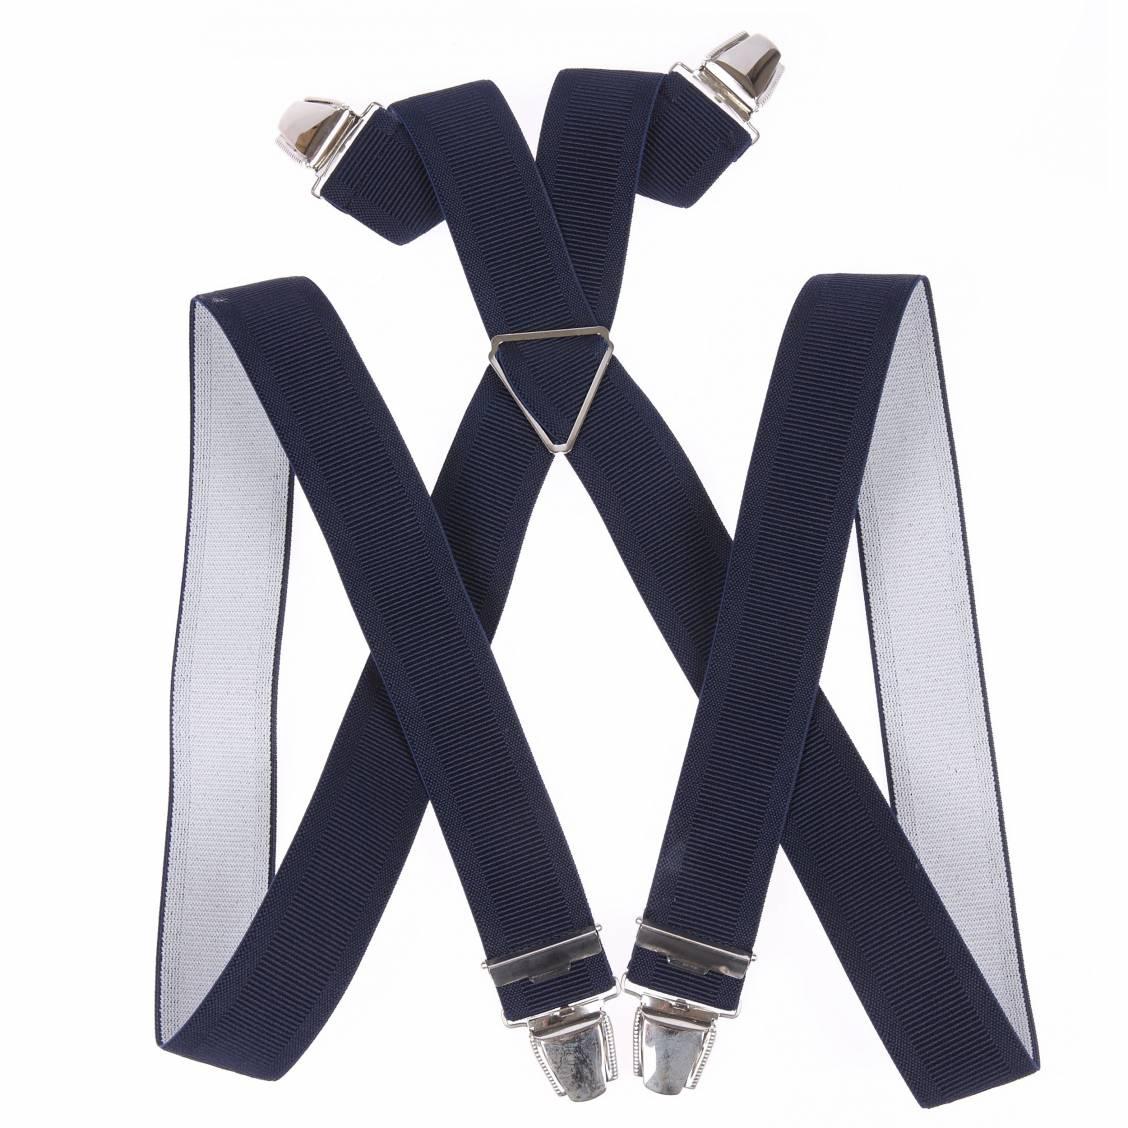 bretelles touche finale bleu marine élastiquées